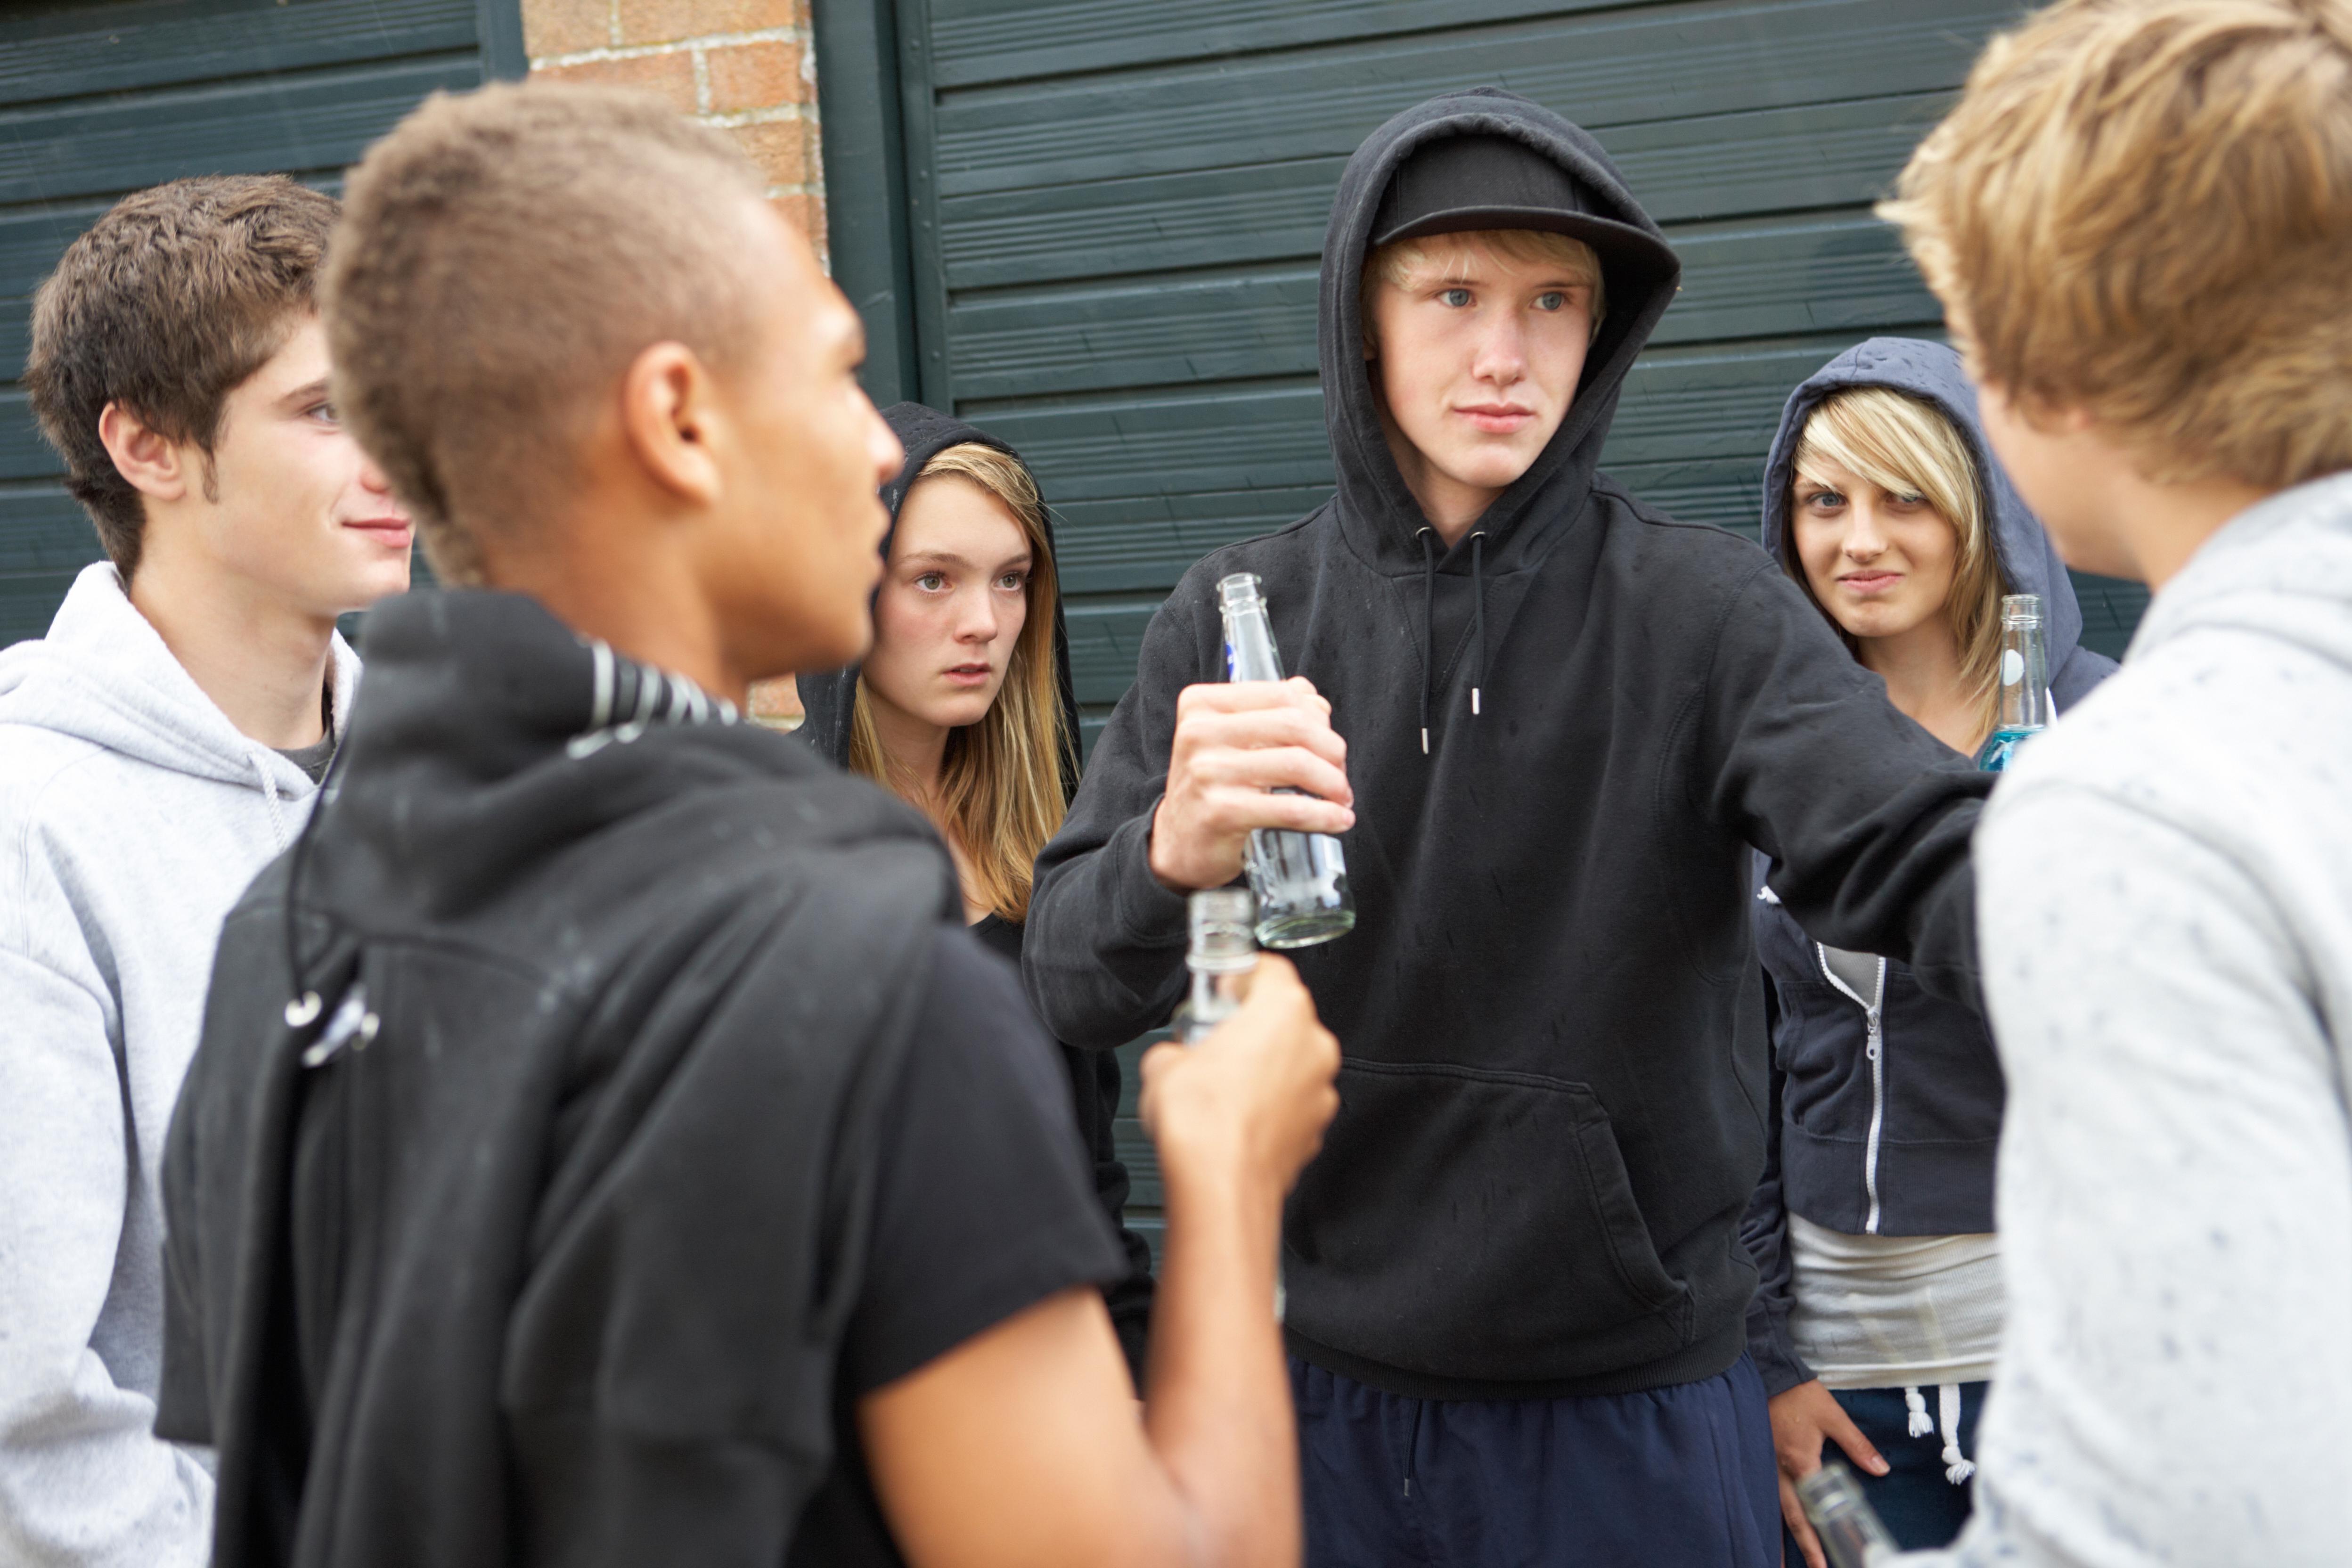 Inte sällan får Bris frågor från ungdomar om hur man hanterar grupptrycket och säger nej till alkohol utan att hamna utanför.